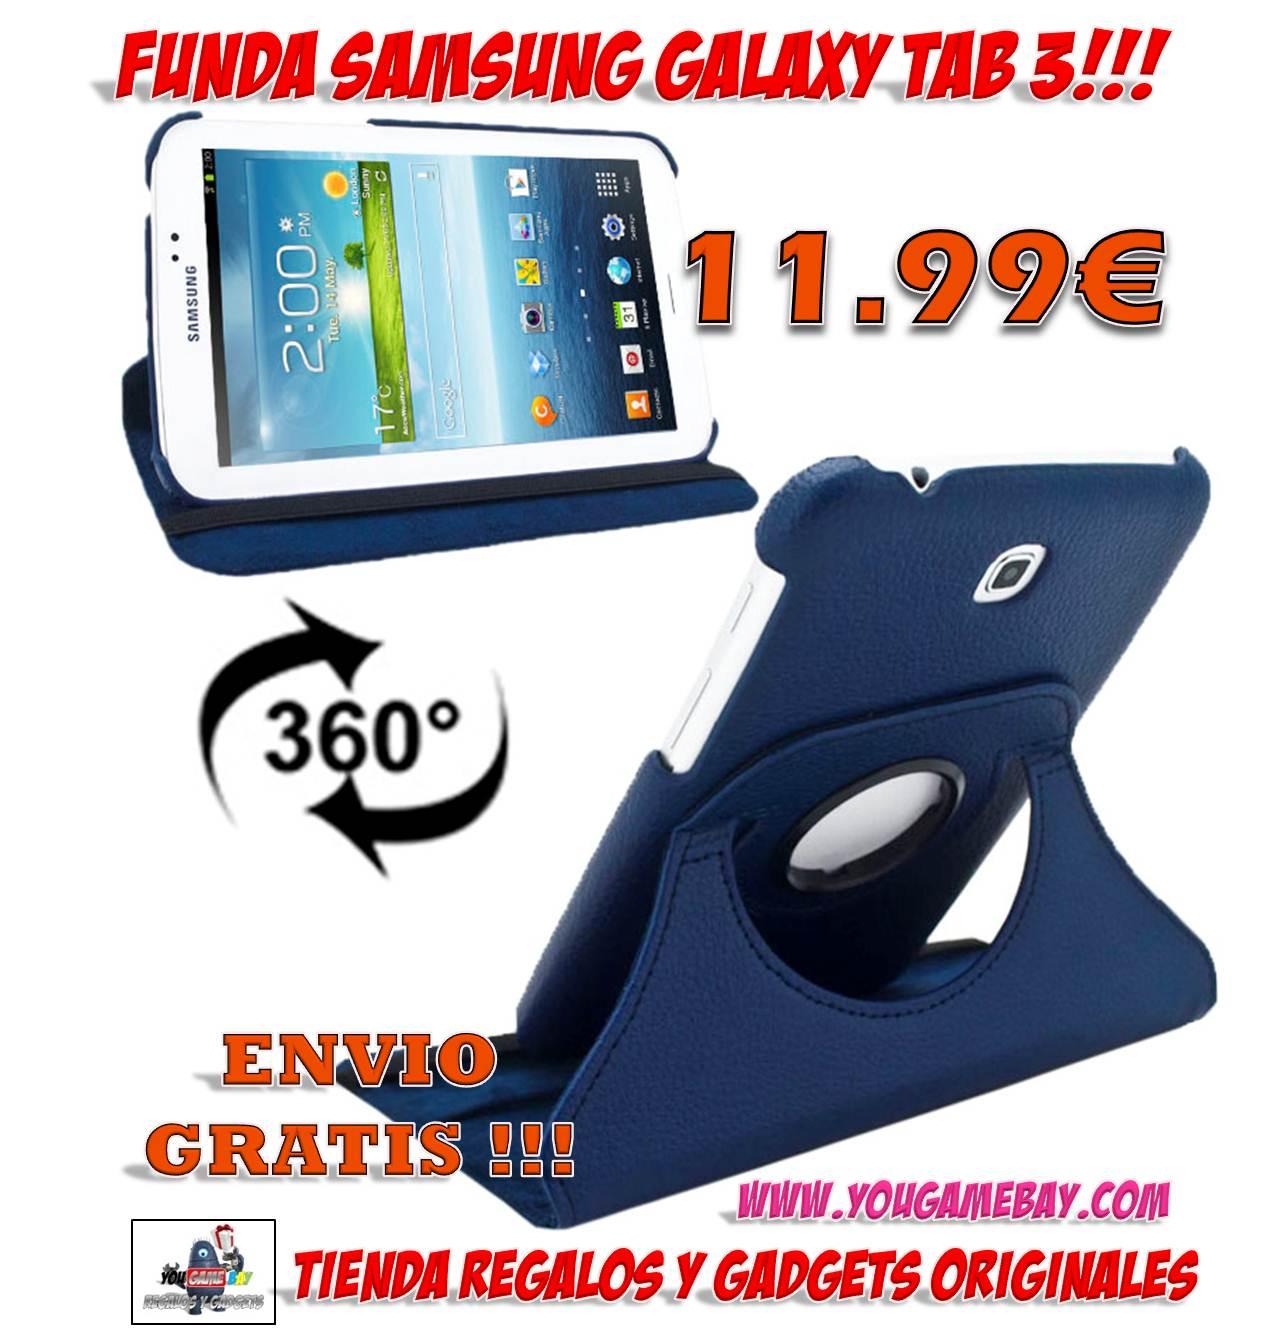 Regalos y gadgets originales y baratos tienda venta comprar fundas protectoras tablet samsung - Funda samsung galaxy tab ...